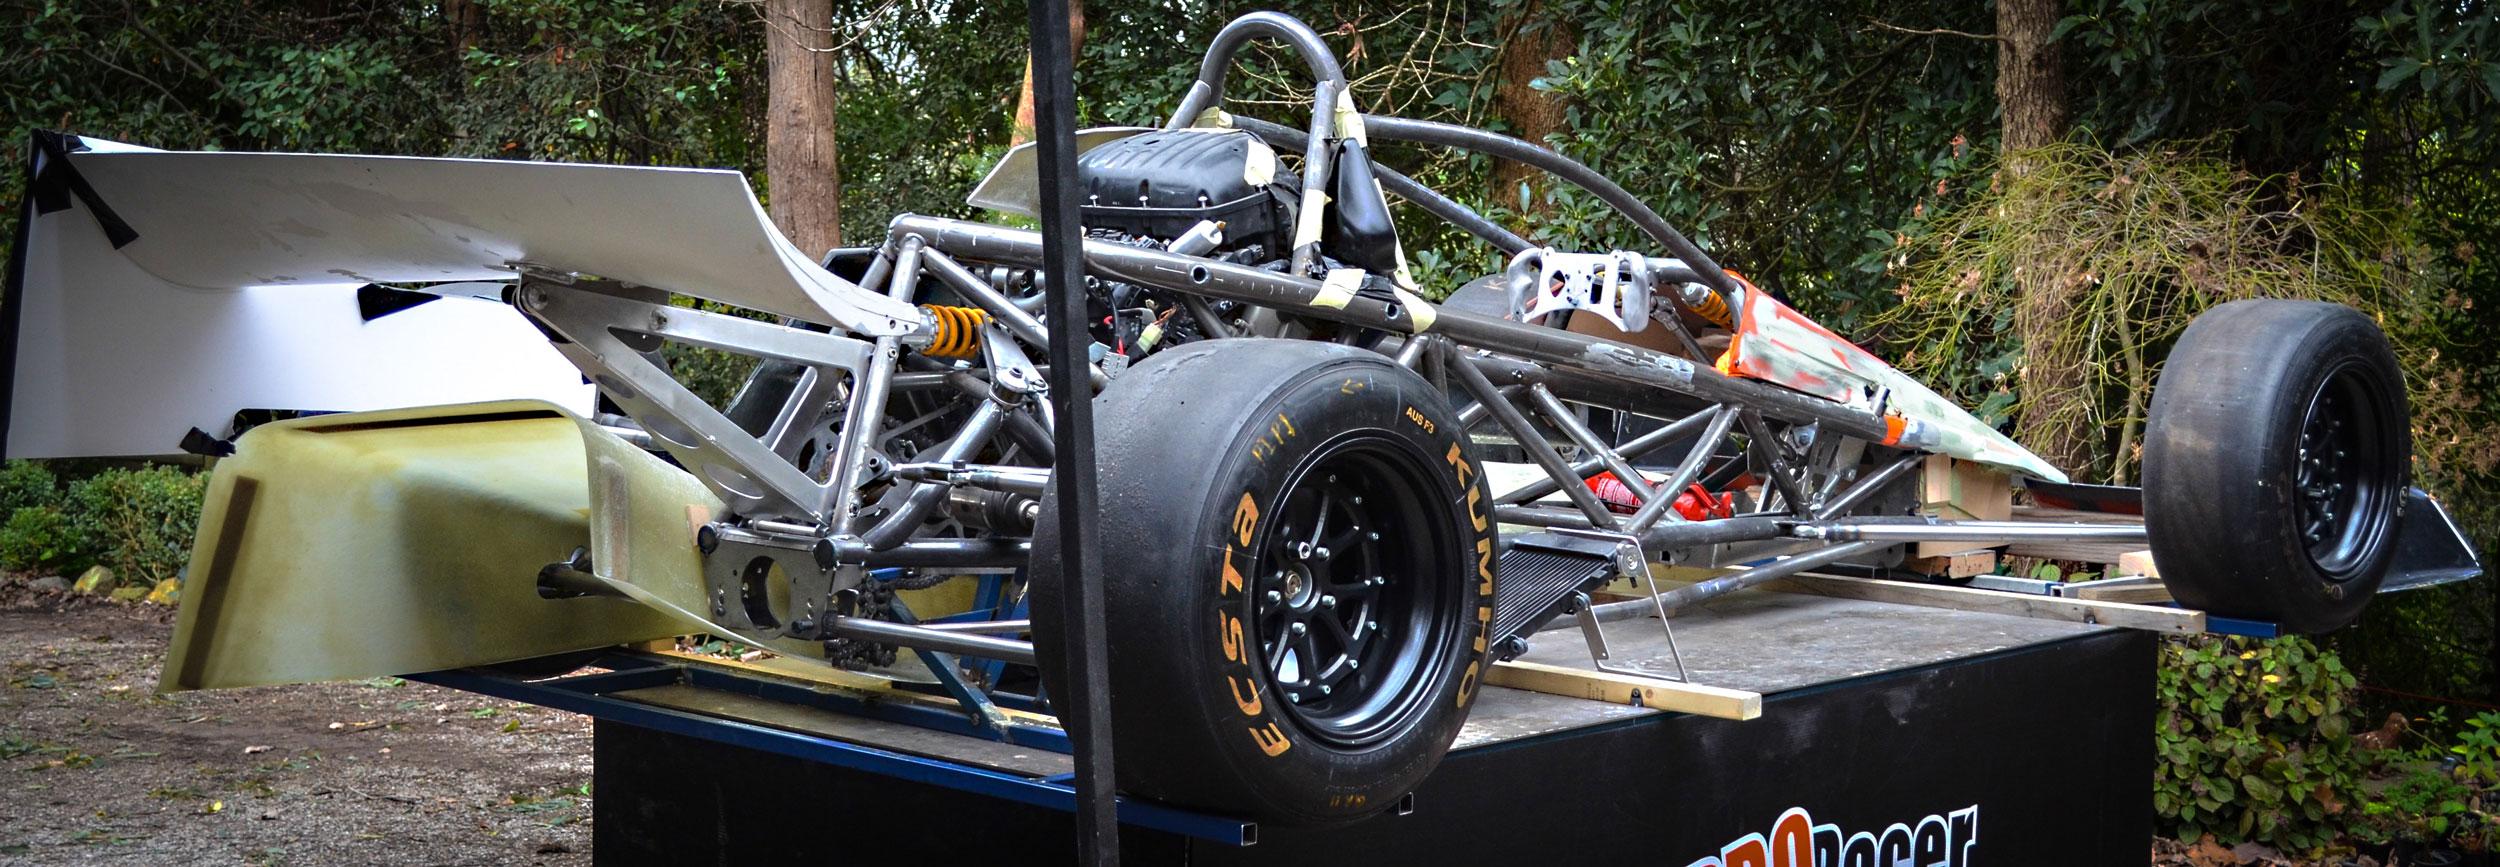 Hyper-Racer-X1-rear-34-2500